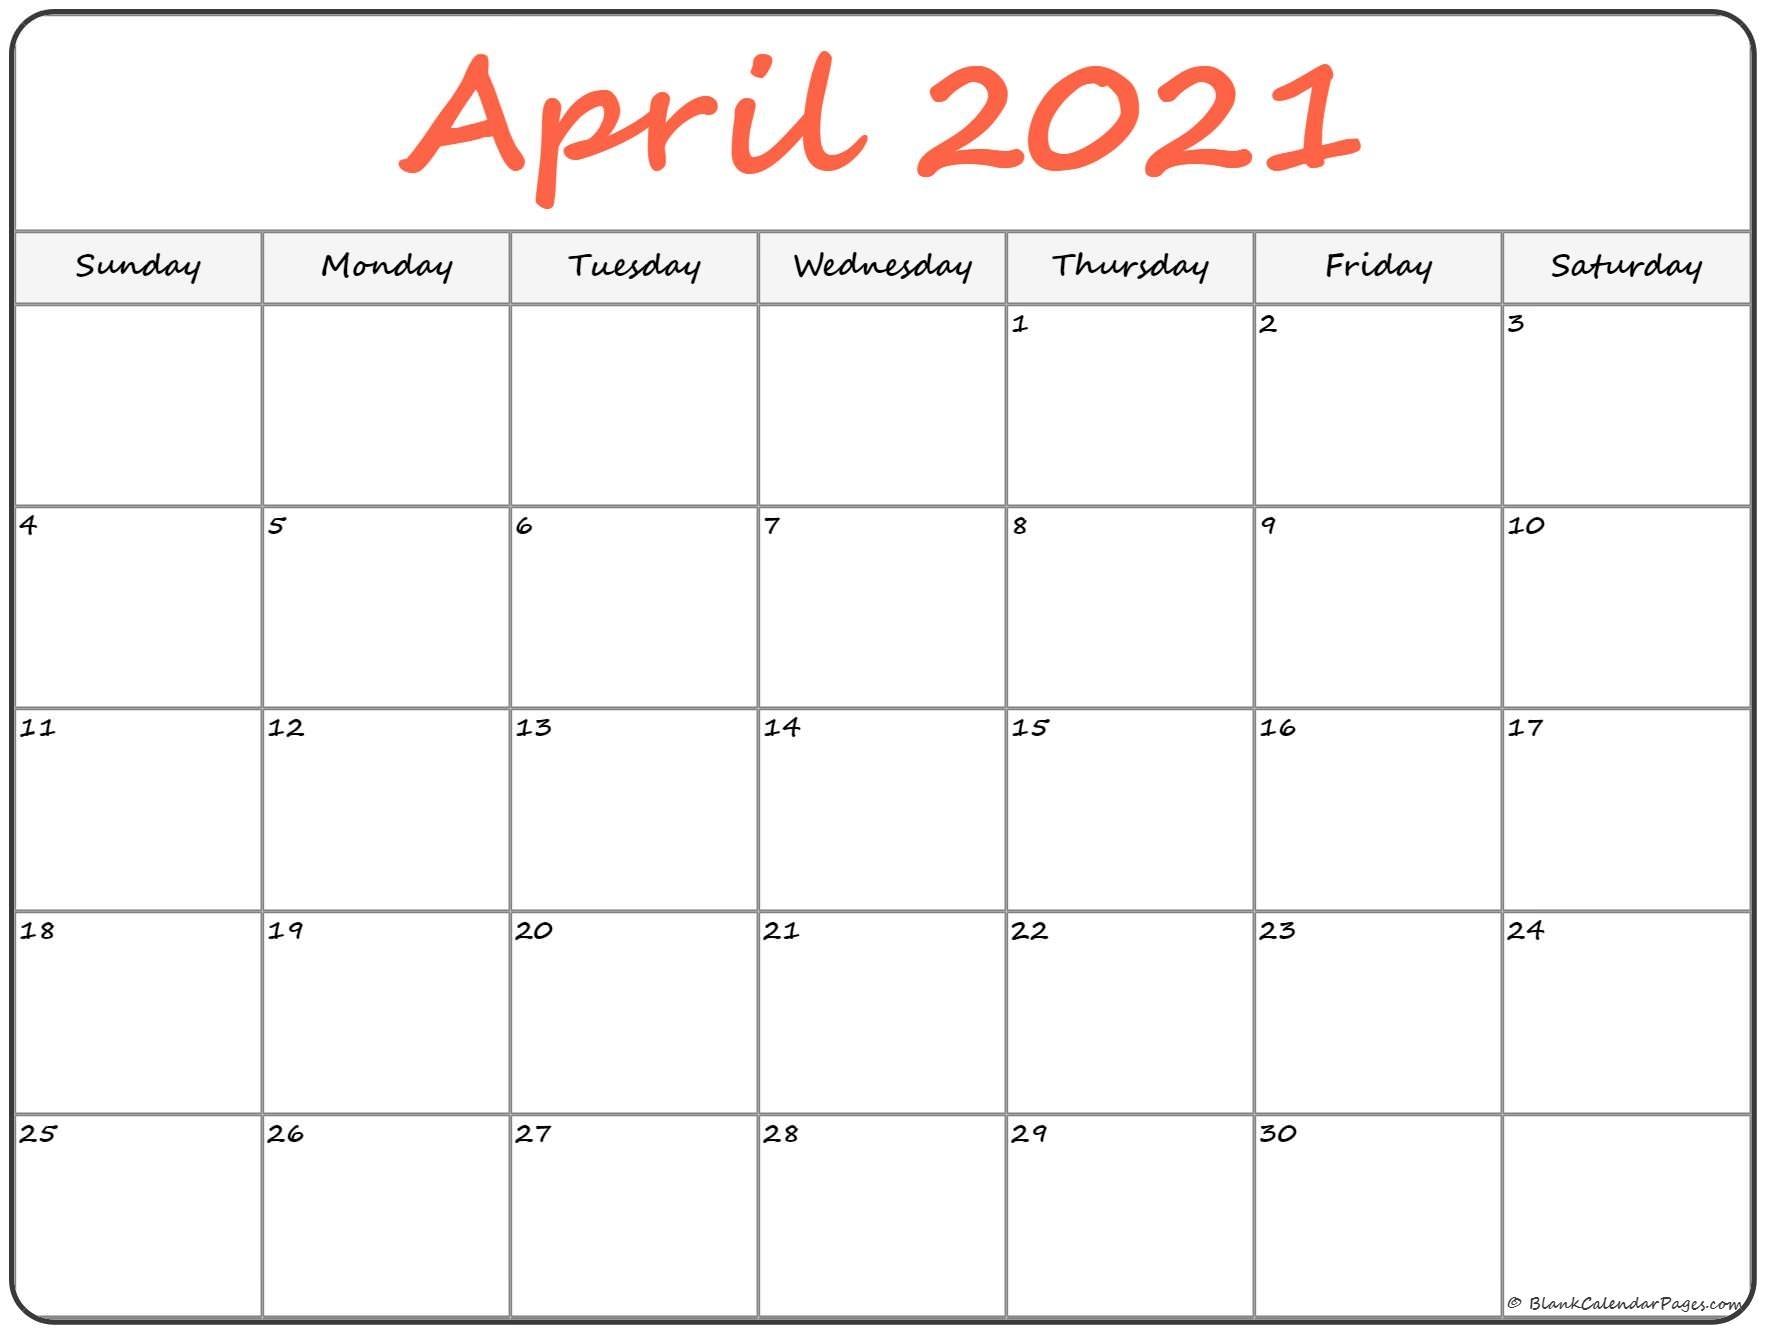 April 2021 Calendar   Free Printable Calendar Print April May June 2021 Calendar